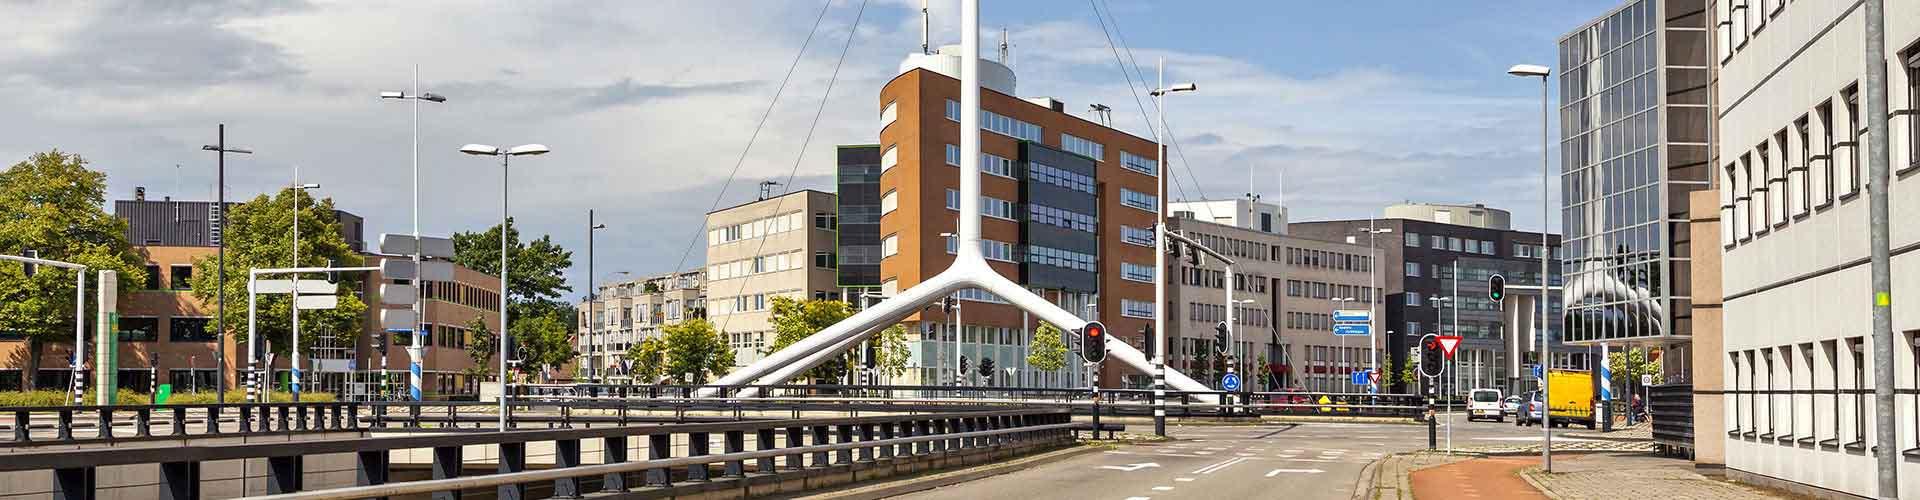 아인트호벤 - 아인트호벤에 위치한 아파트.  아인트호벤의 지도, 아인트호벤에 위치한 아파트에 대한 사진 및 리뷰.